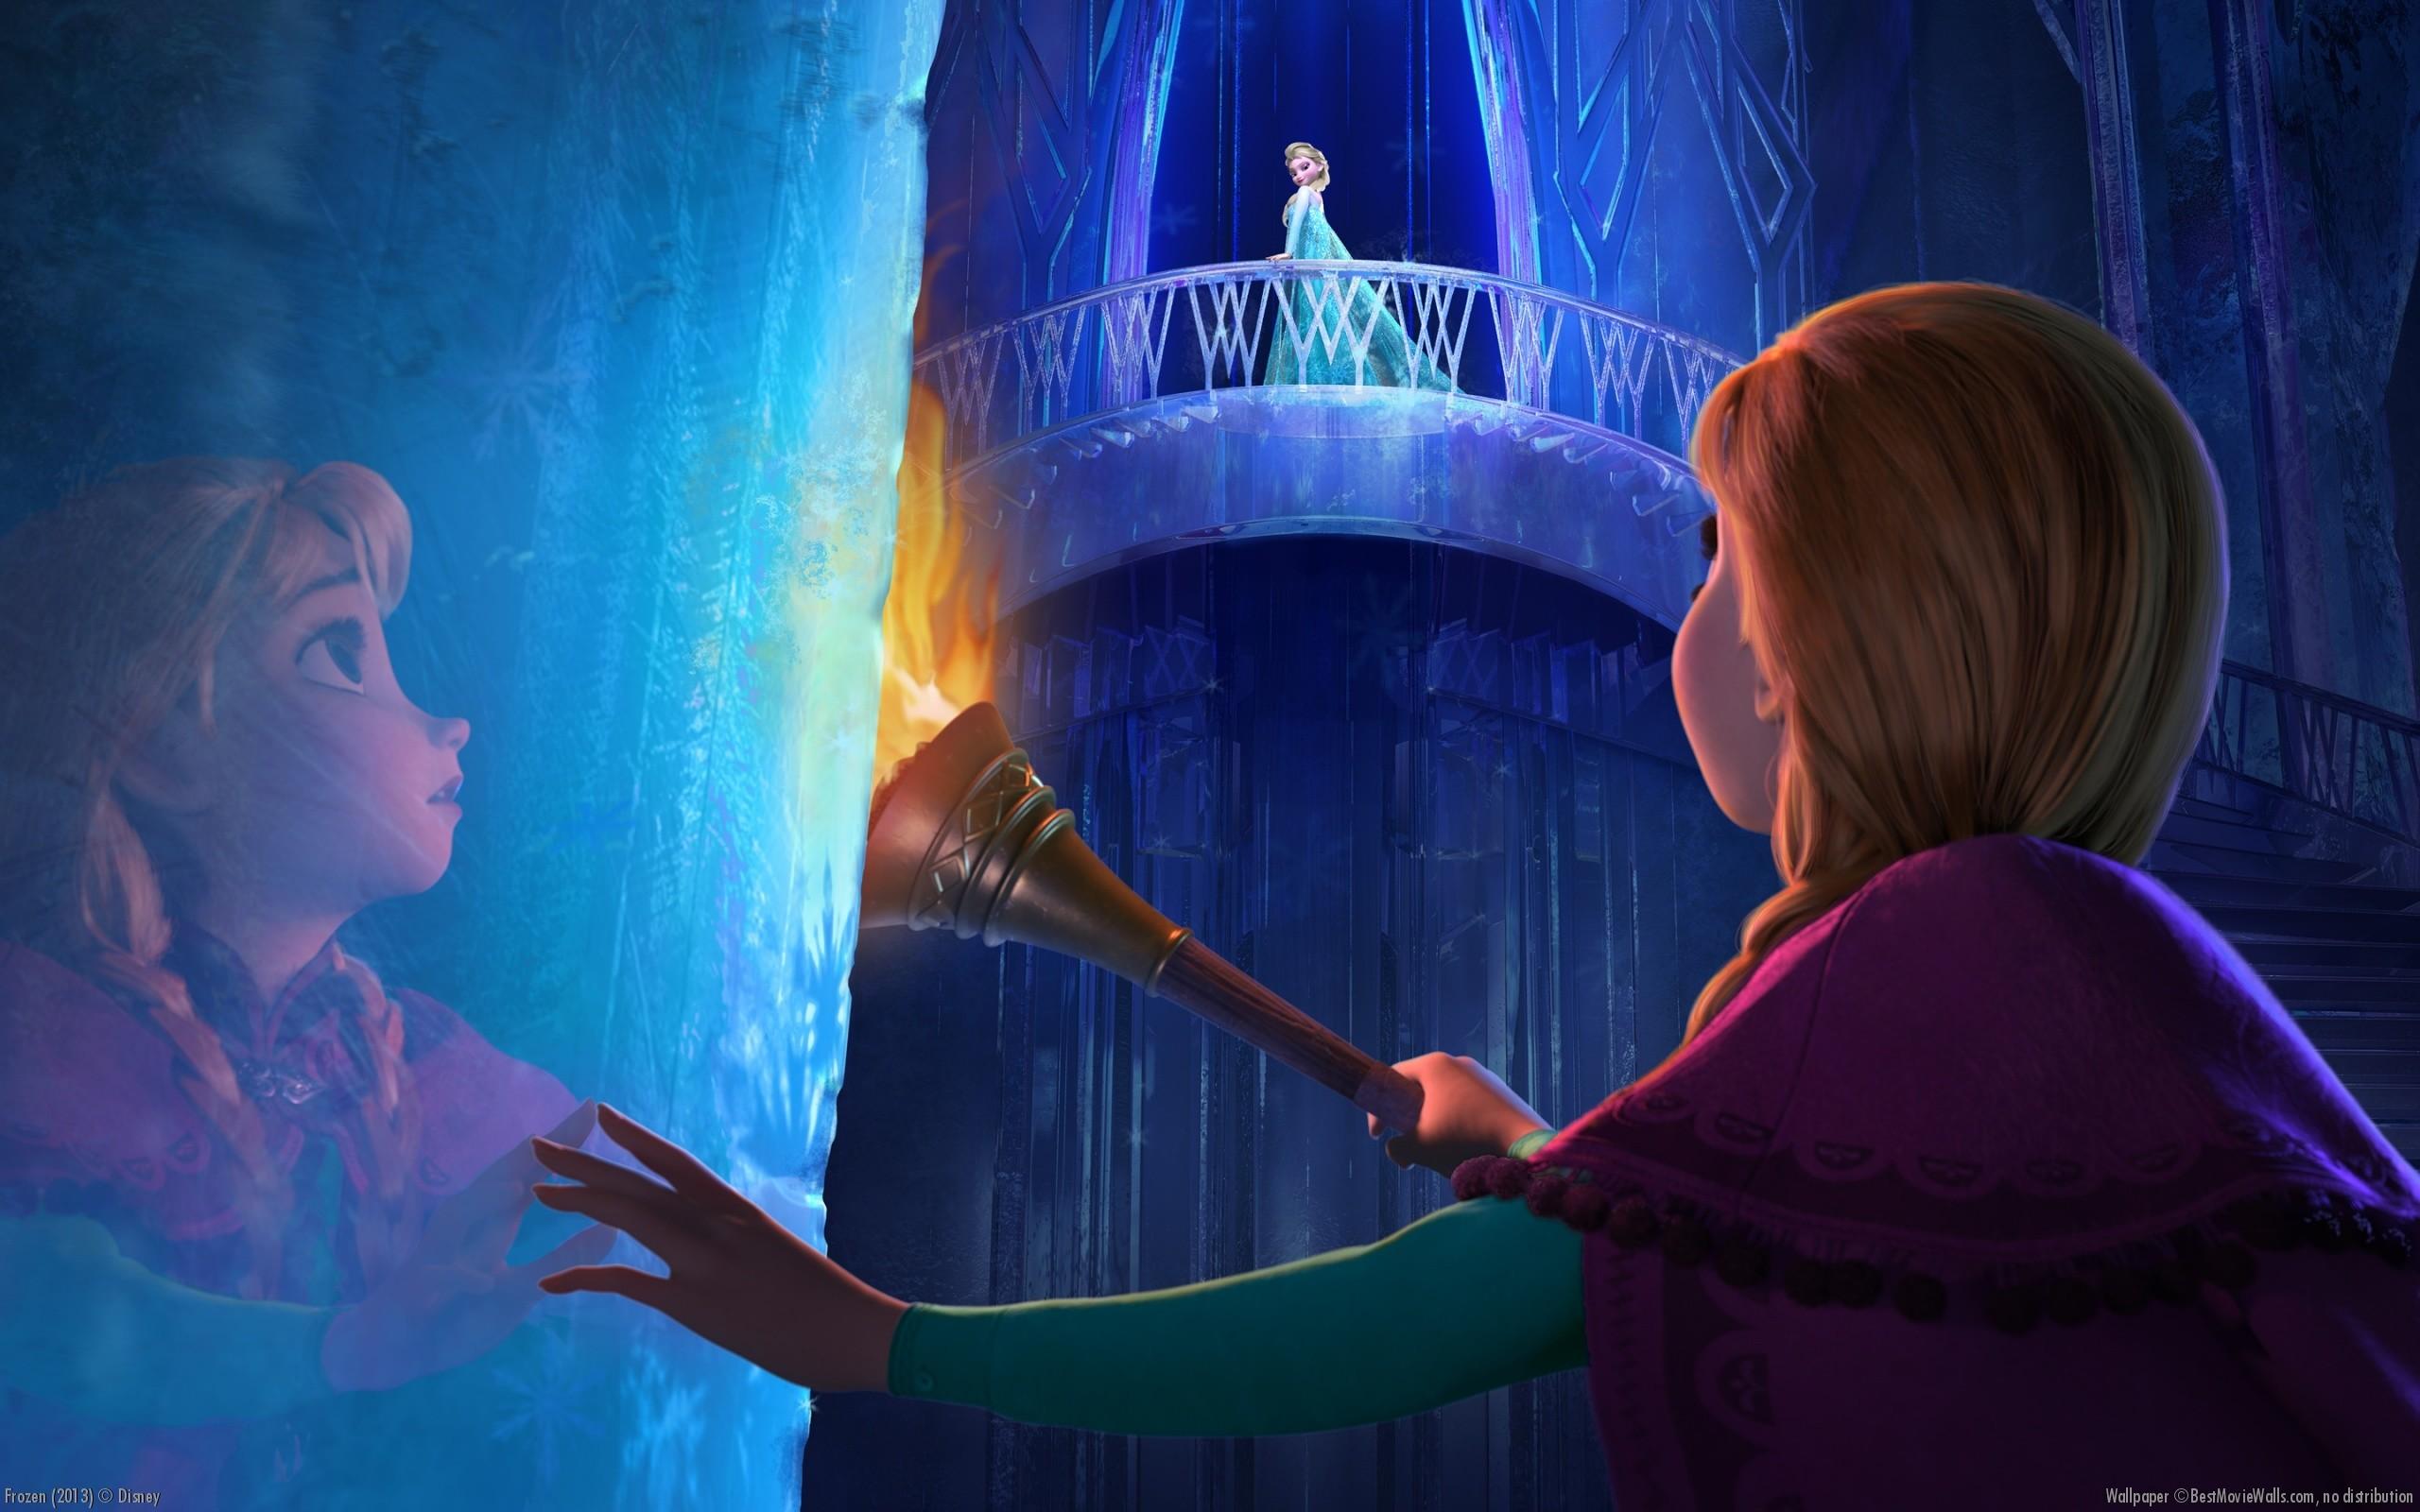 best ideas about Frozen wallpaper hd on Pinterest Elsa anna